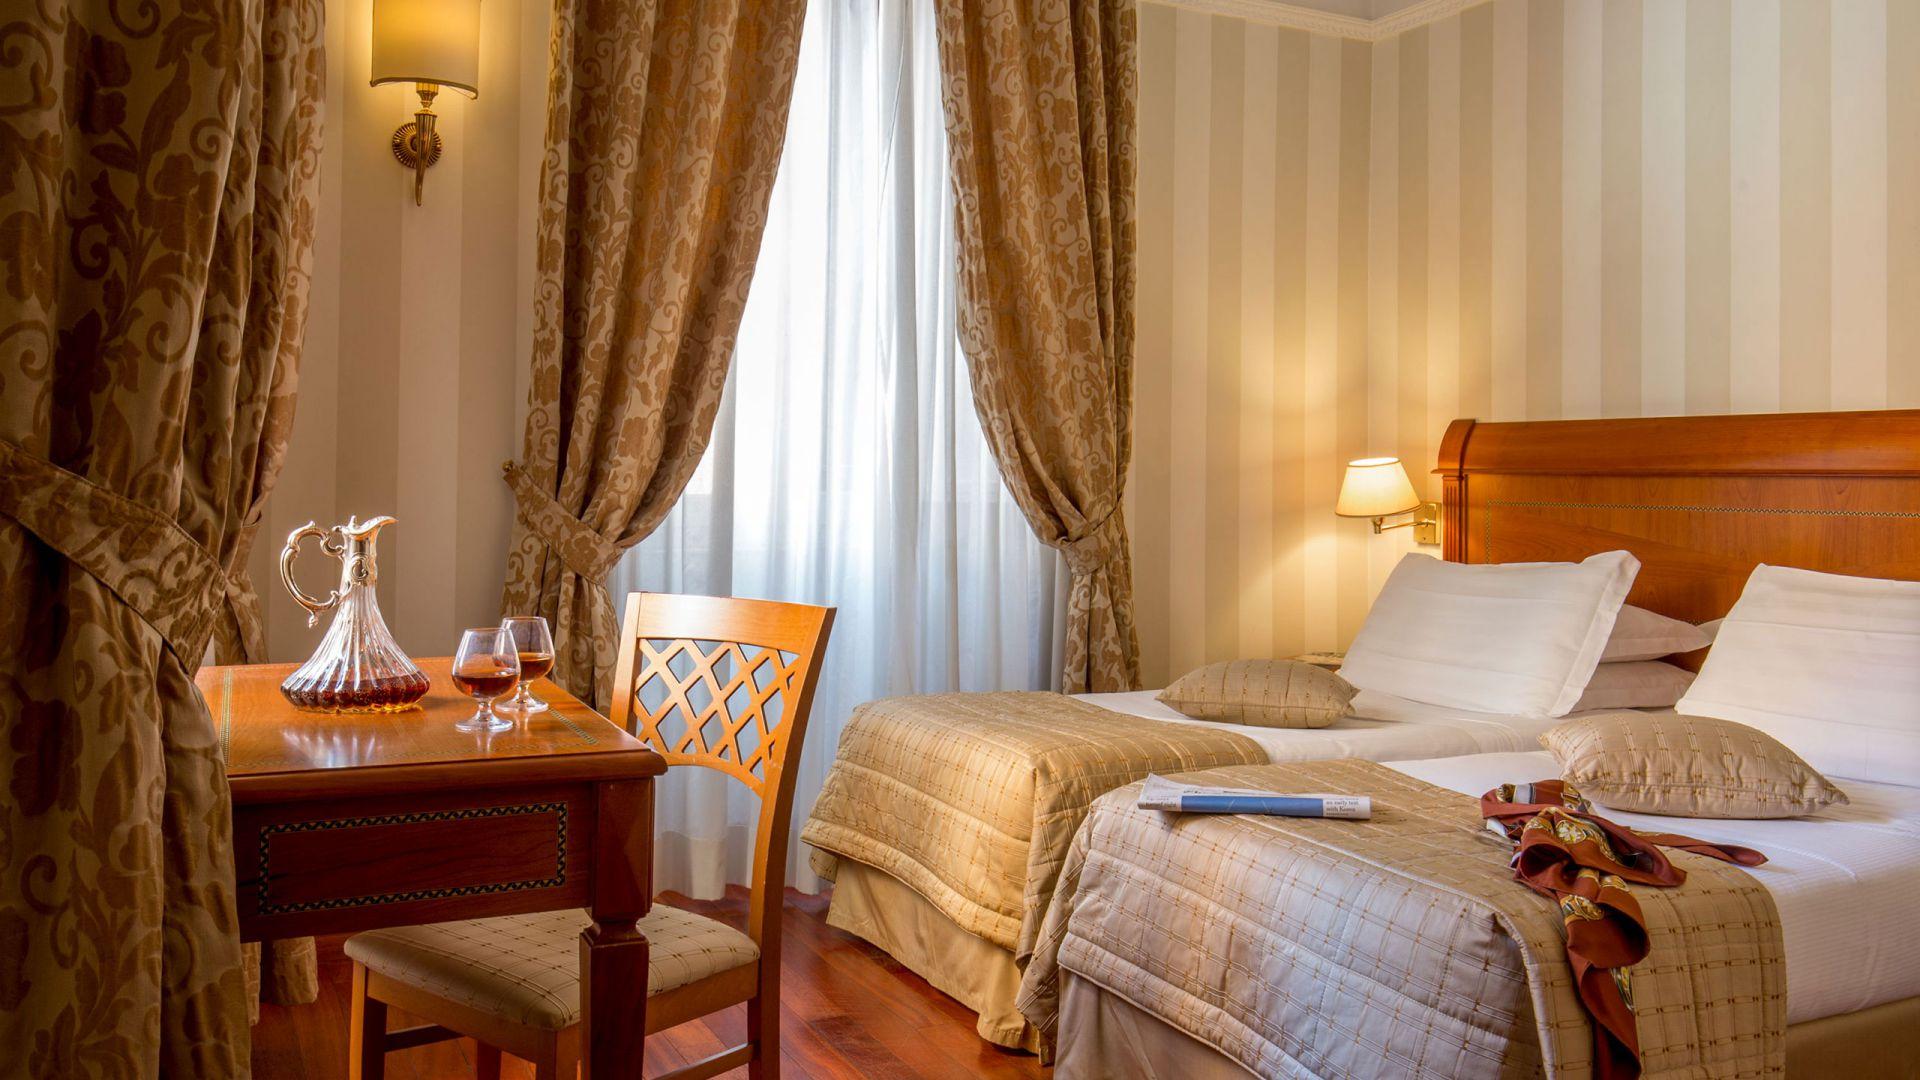 albergo-ottocento-rome-chambre-double-deluxe-08